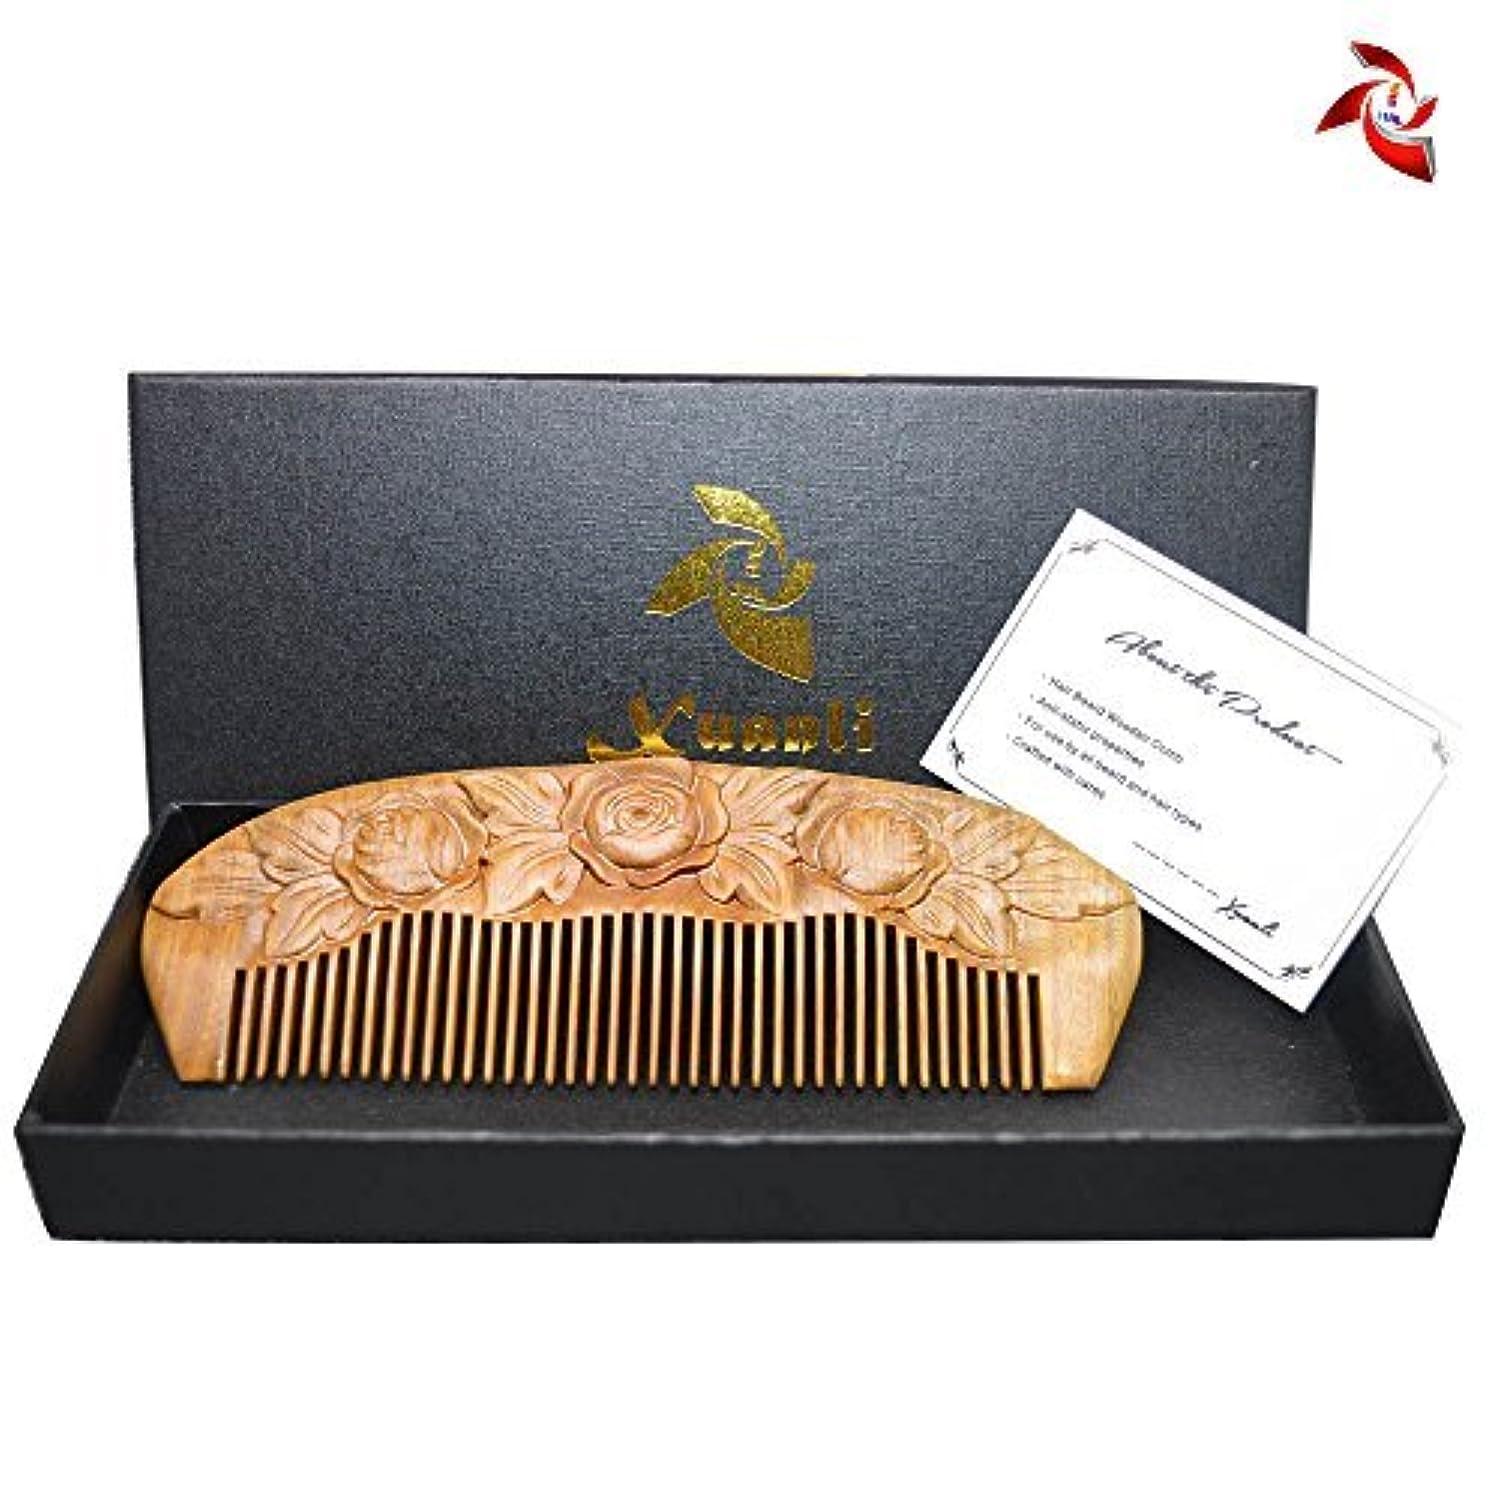 見つける素晴らしき販売計画Xuanli Wood Combs Carving roses design Natural Green Sandalwood Combs Top Quality Handmade Combs For Hair No Static...